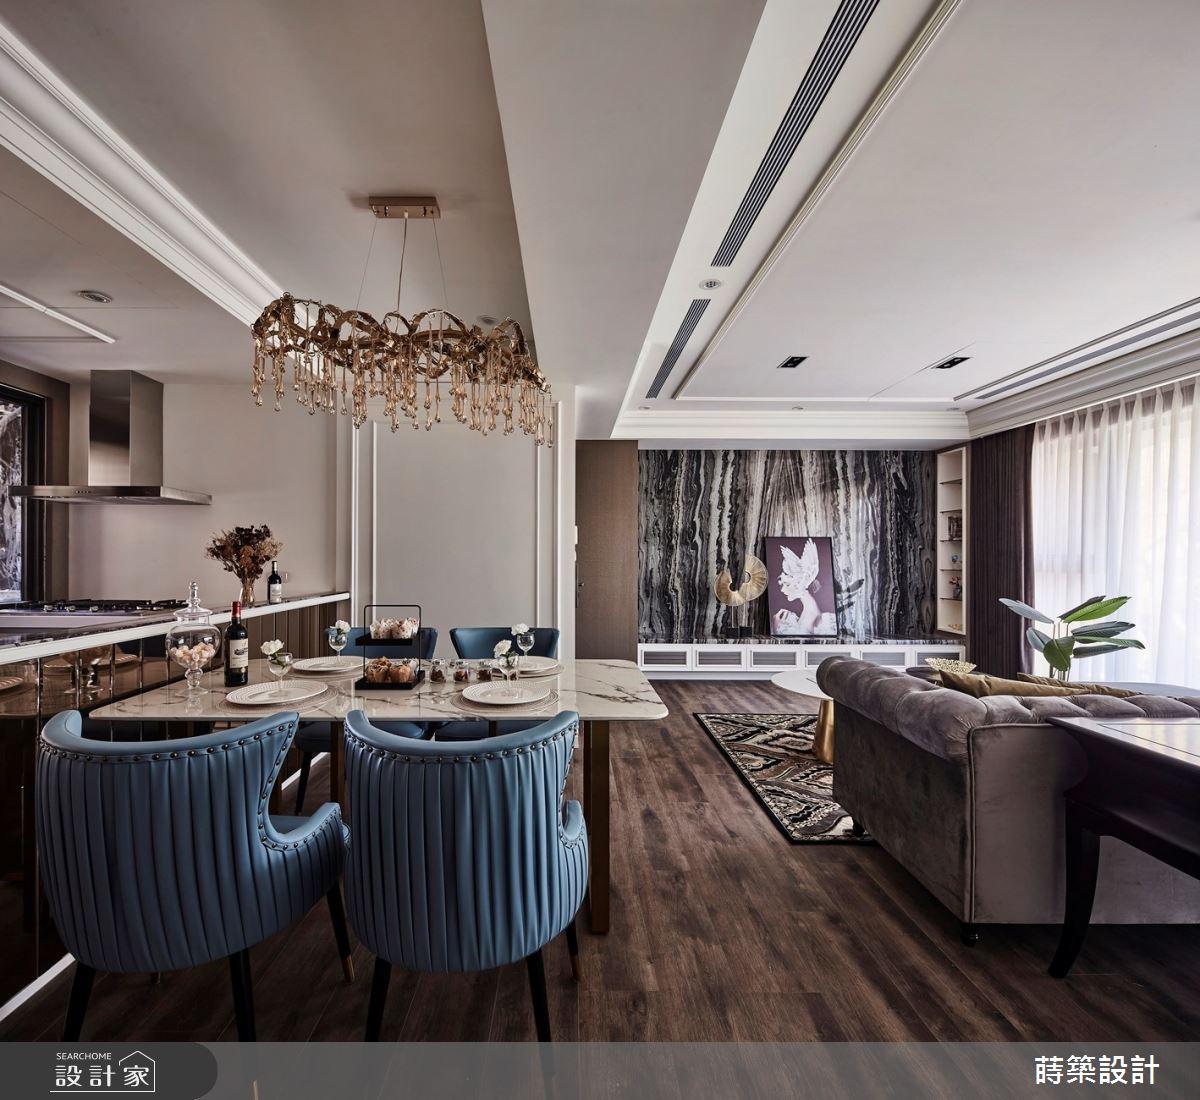 27坪新成屋(5年以下)_新古典案例圖片_蒔築設計有限公司_蒔築_47之5